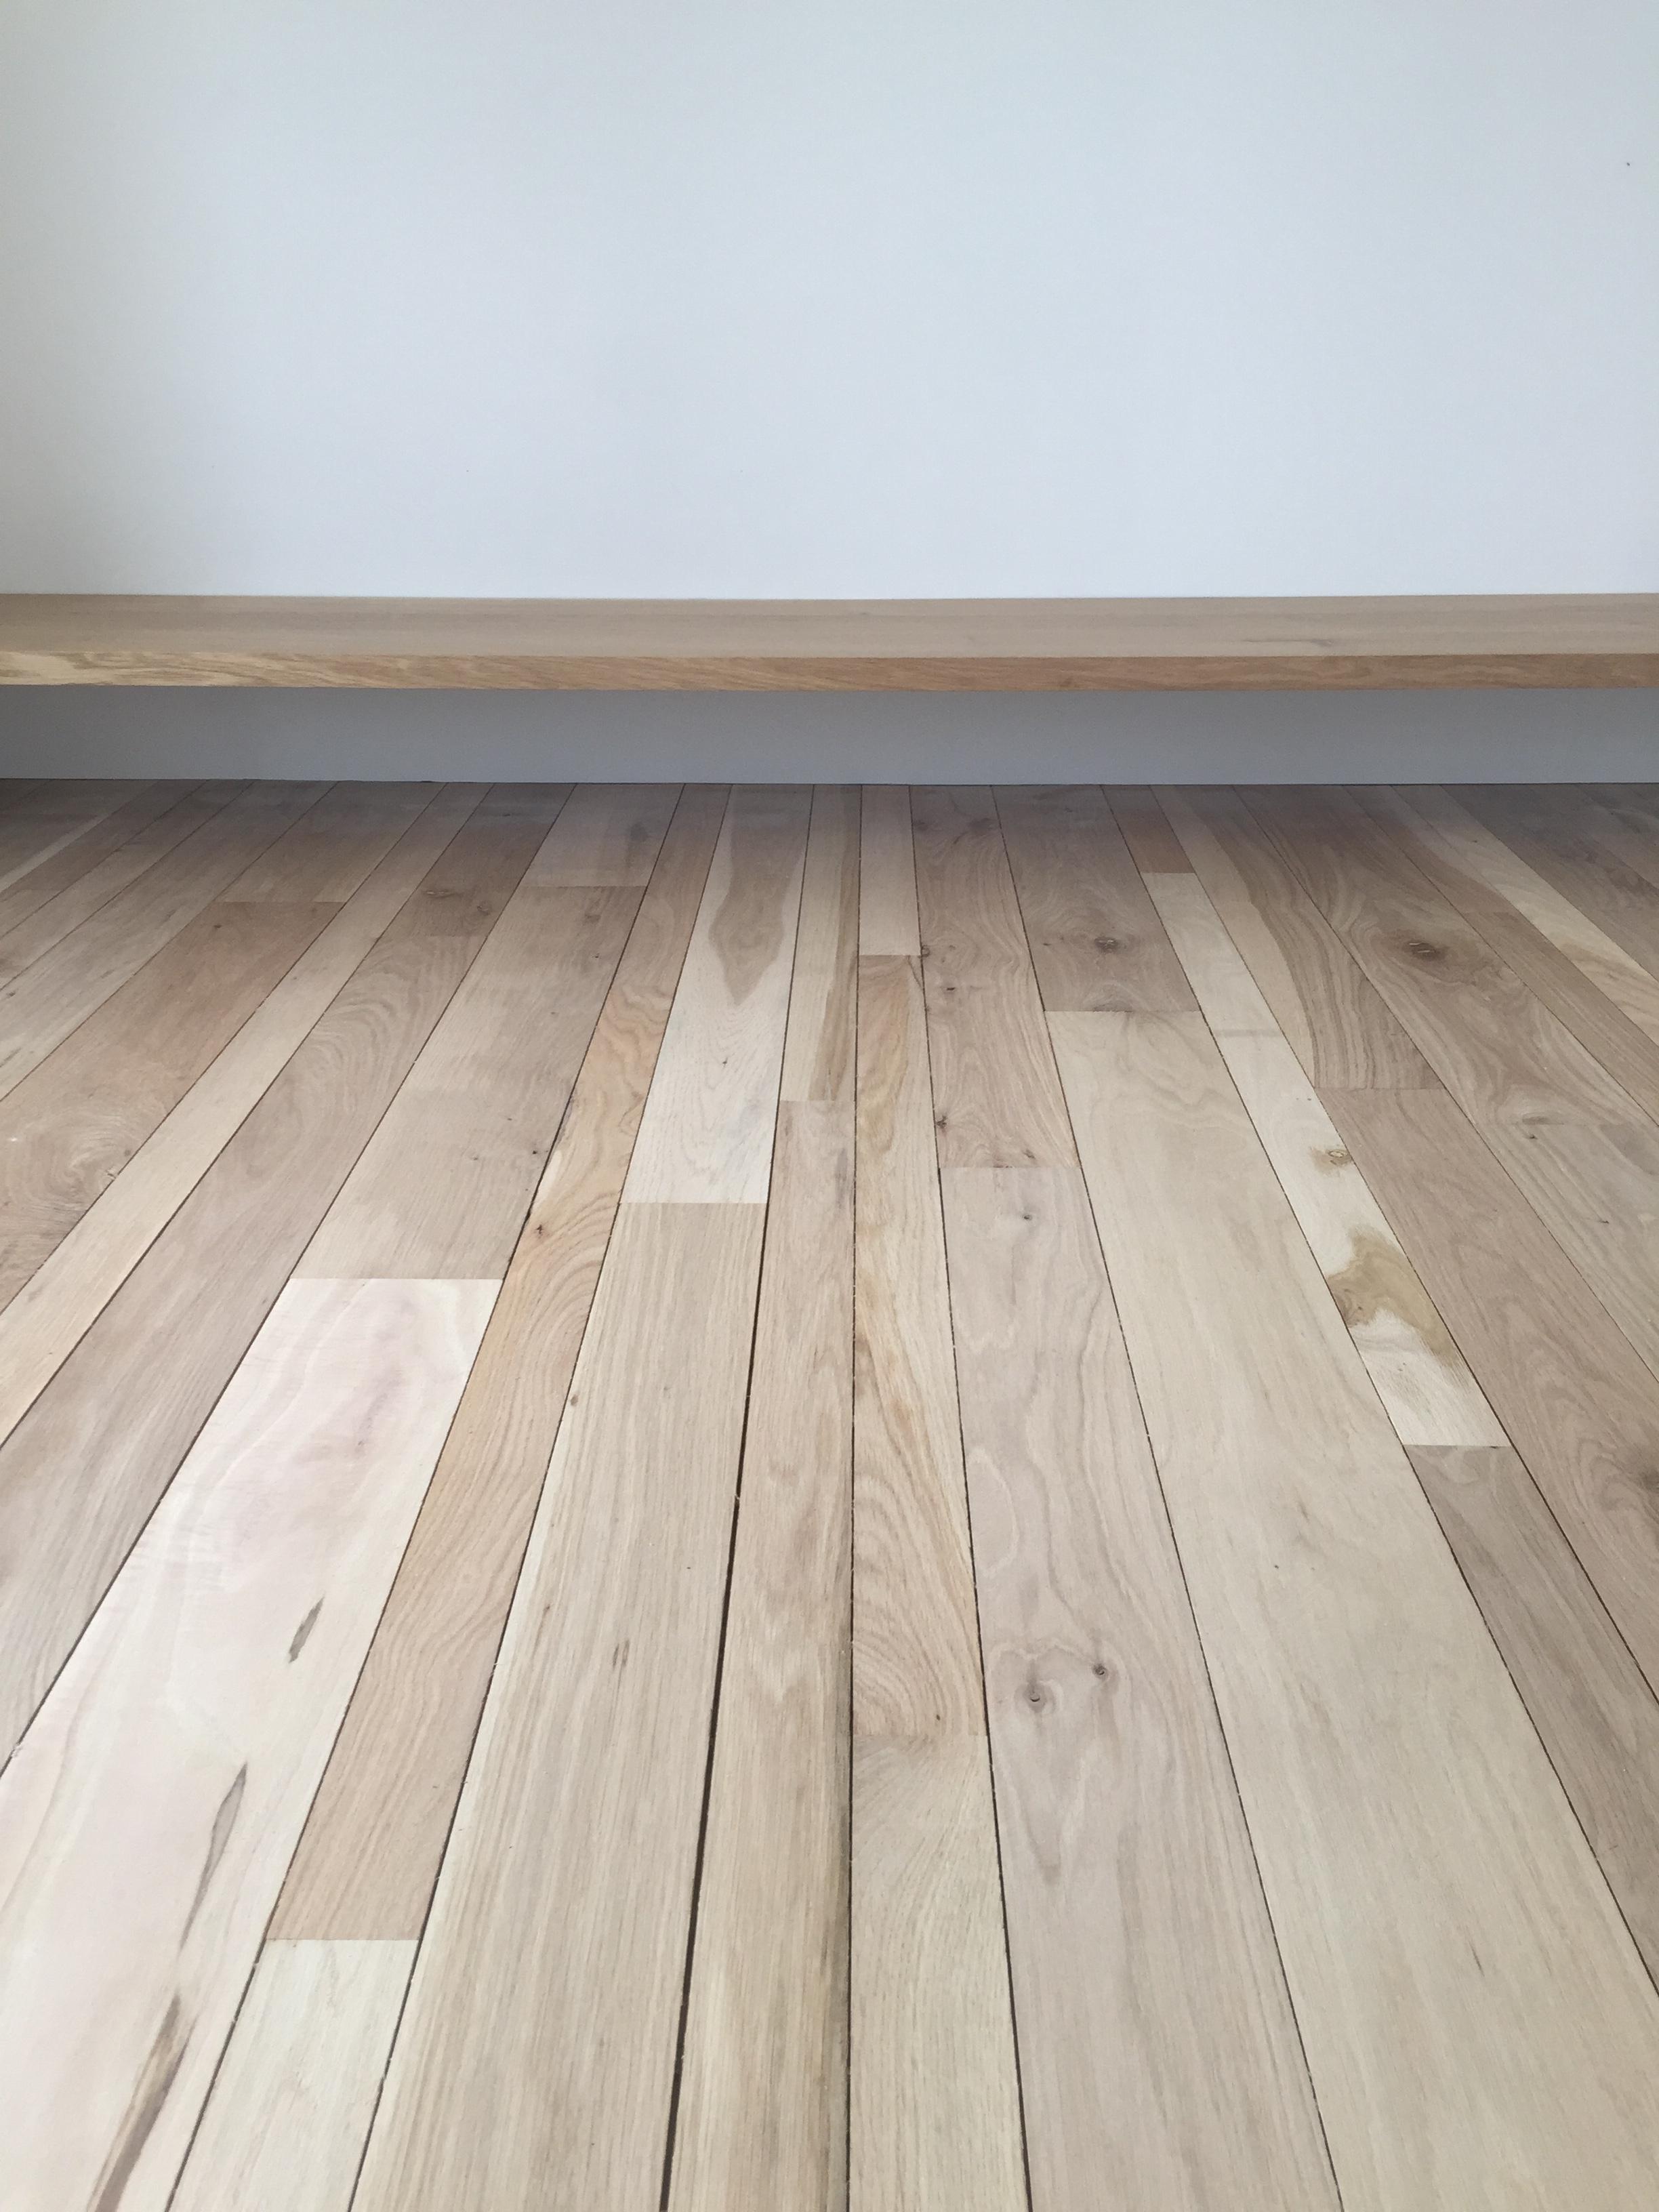 Mantenimiento de los suelos de madera interior - Suelo madera interior ...